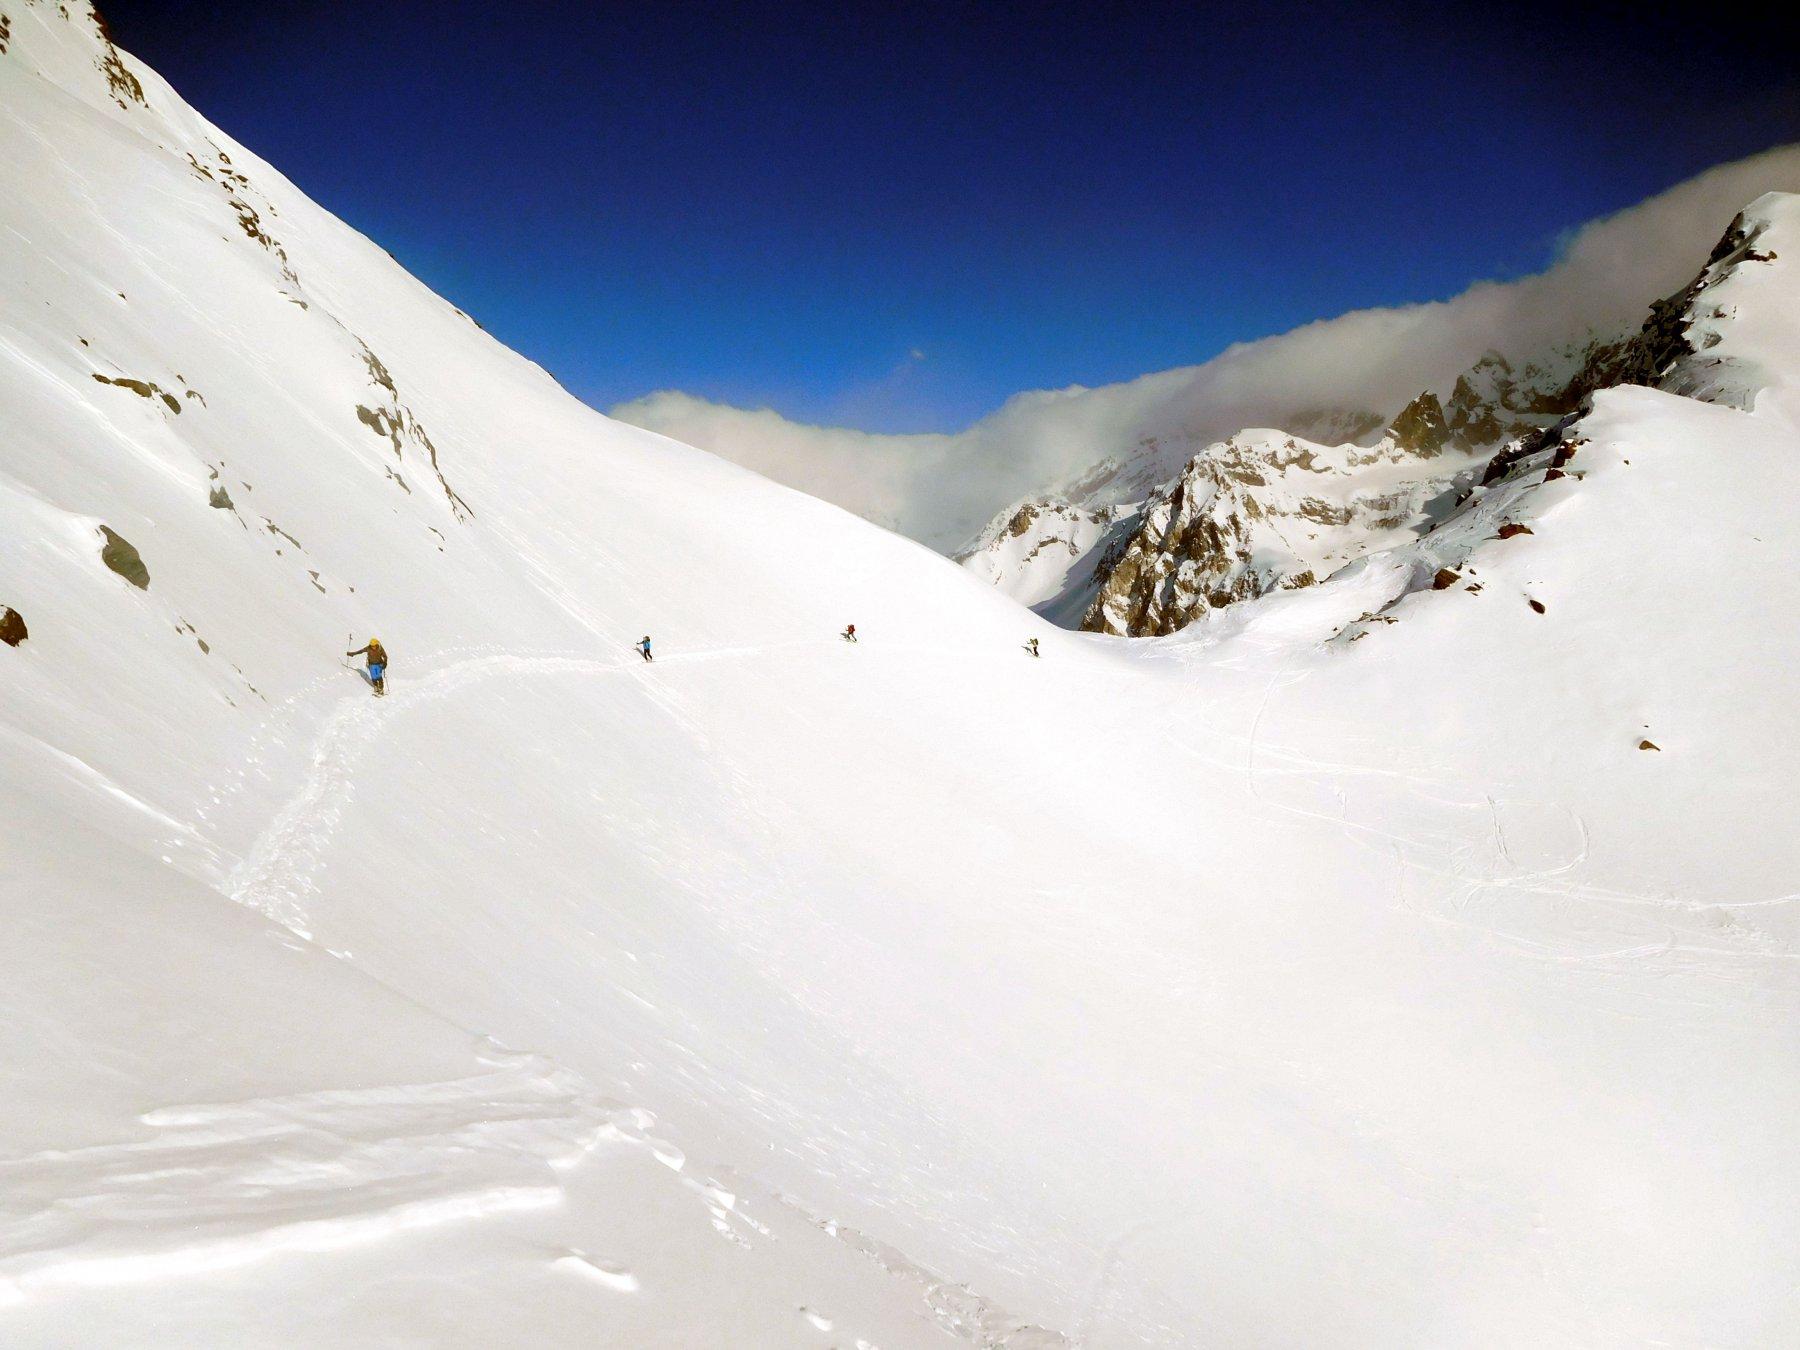 traverso da fare solo con neve sicura